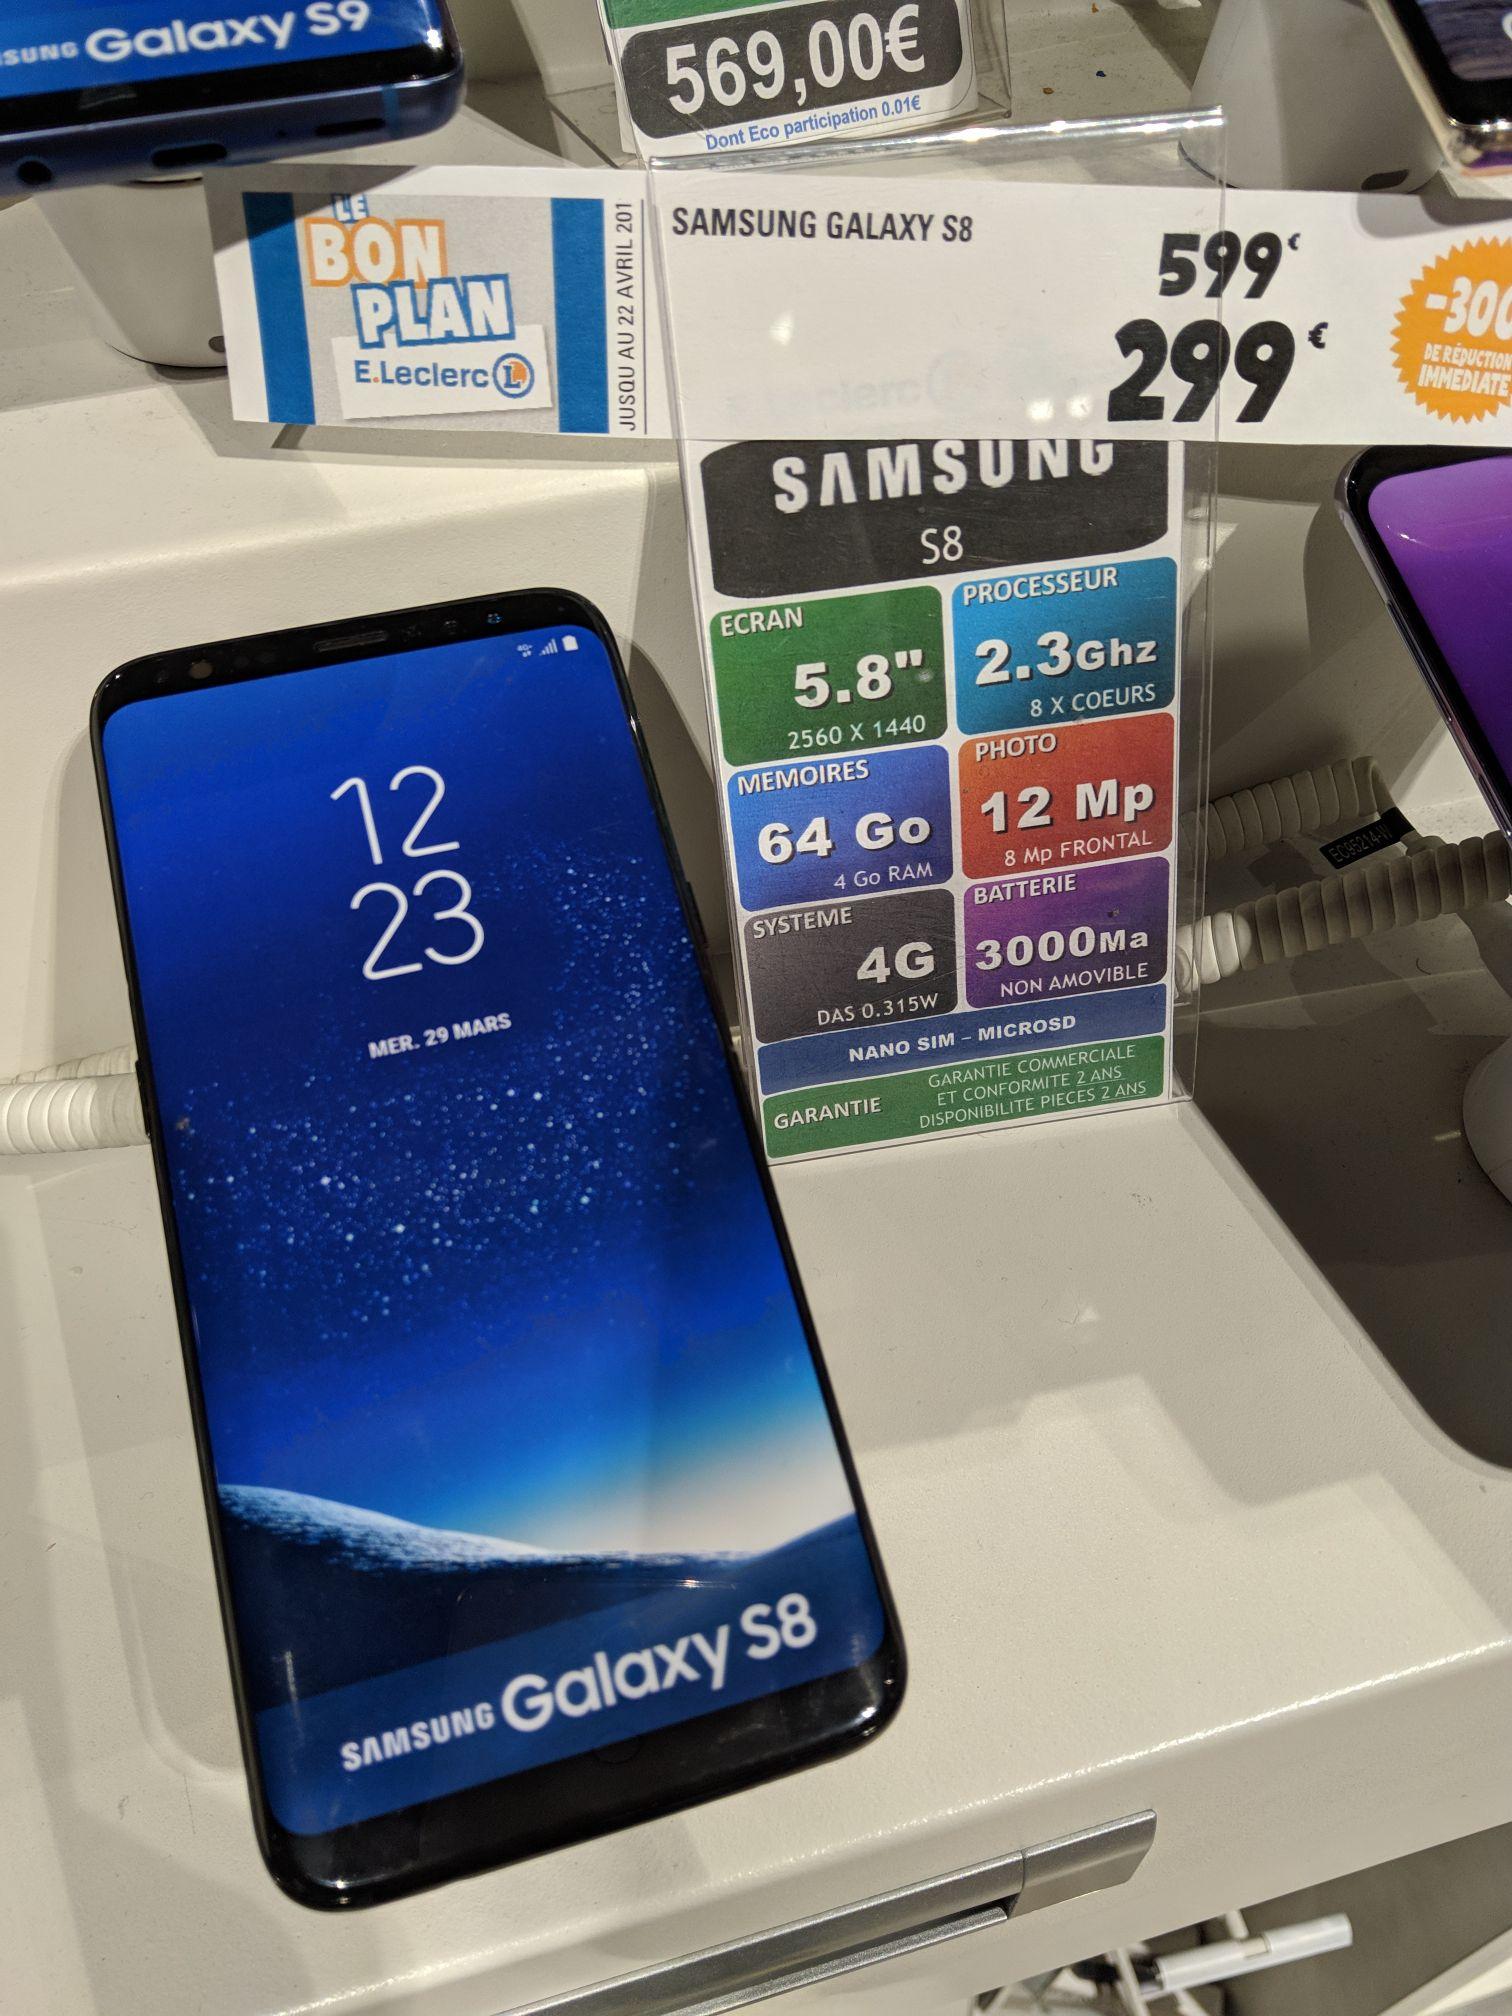 """Smartphone 5.8"""" Samsung Galaxy S8 (QHD+, Exynos 8895, 4 Go de RAM, 64 Go) - Blagnac (31)"""